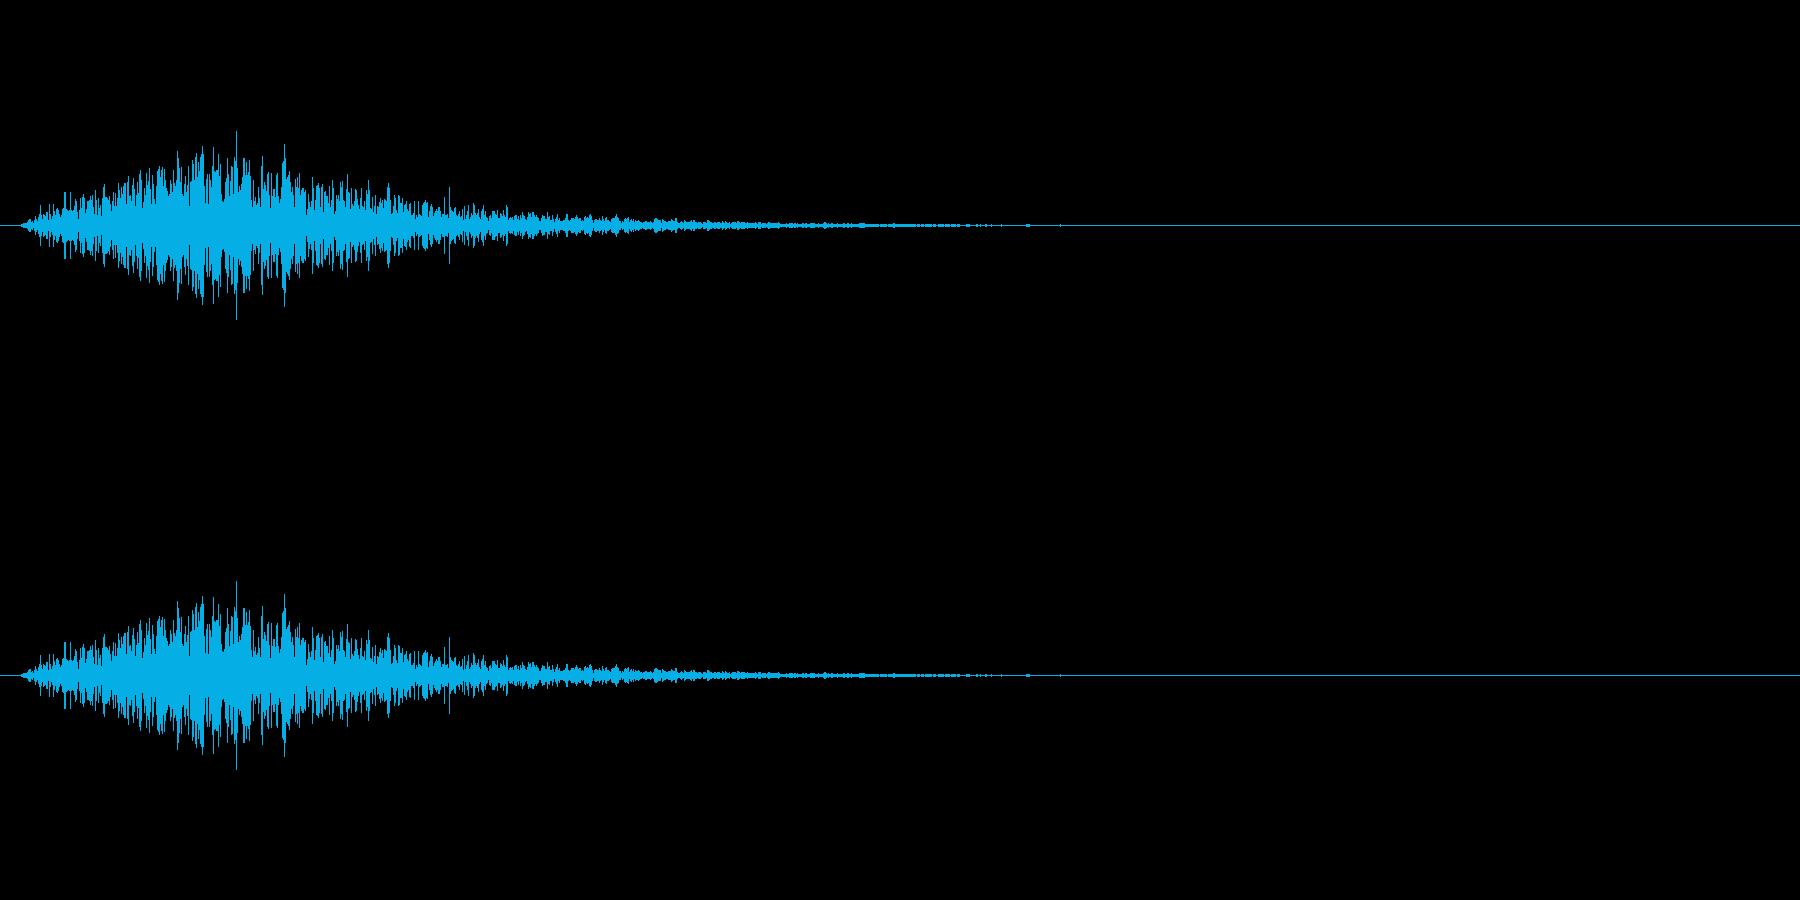 ハリウッド風のタイトル音の再生済みの波形